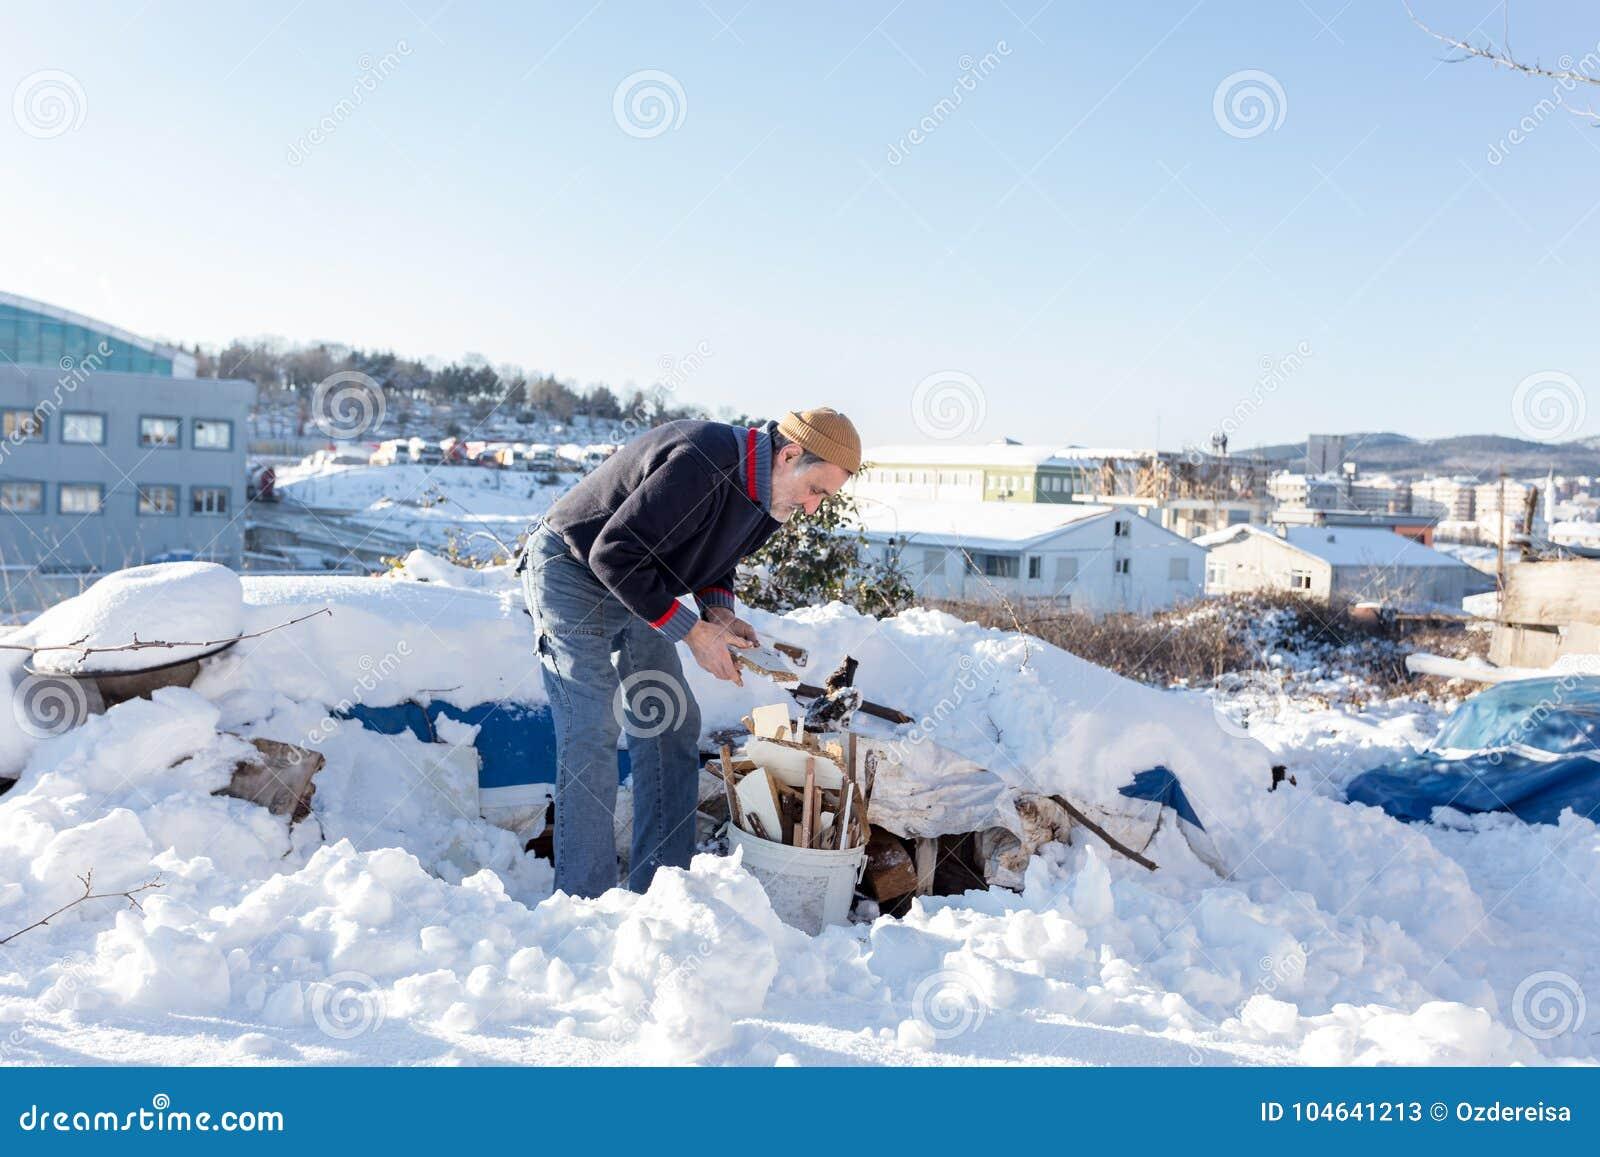 Download De Niet Geïdentificeerde Oude Turkse Mens Zet Gehakt Brandhout In Een Plastic Emmer Redactionele Stock Foto - Afbeelding bestaande uit hardhout, boom: 104641213